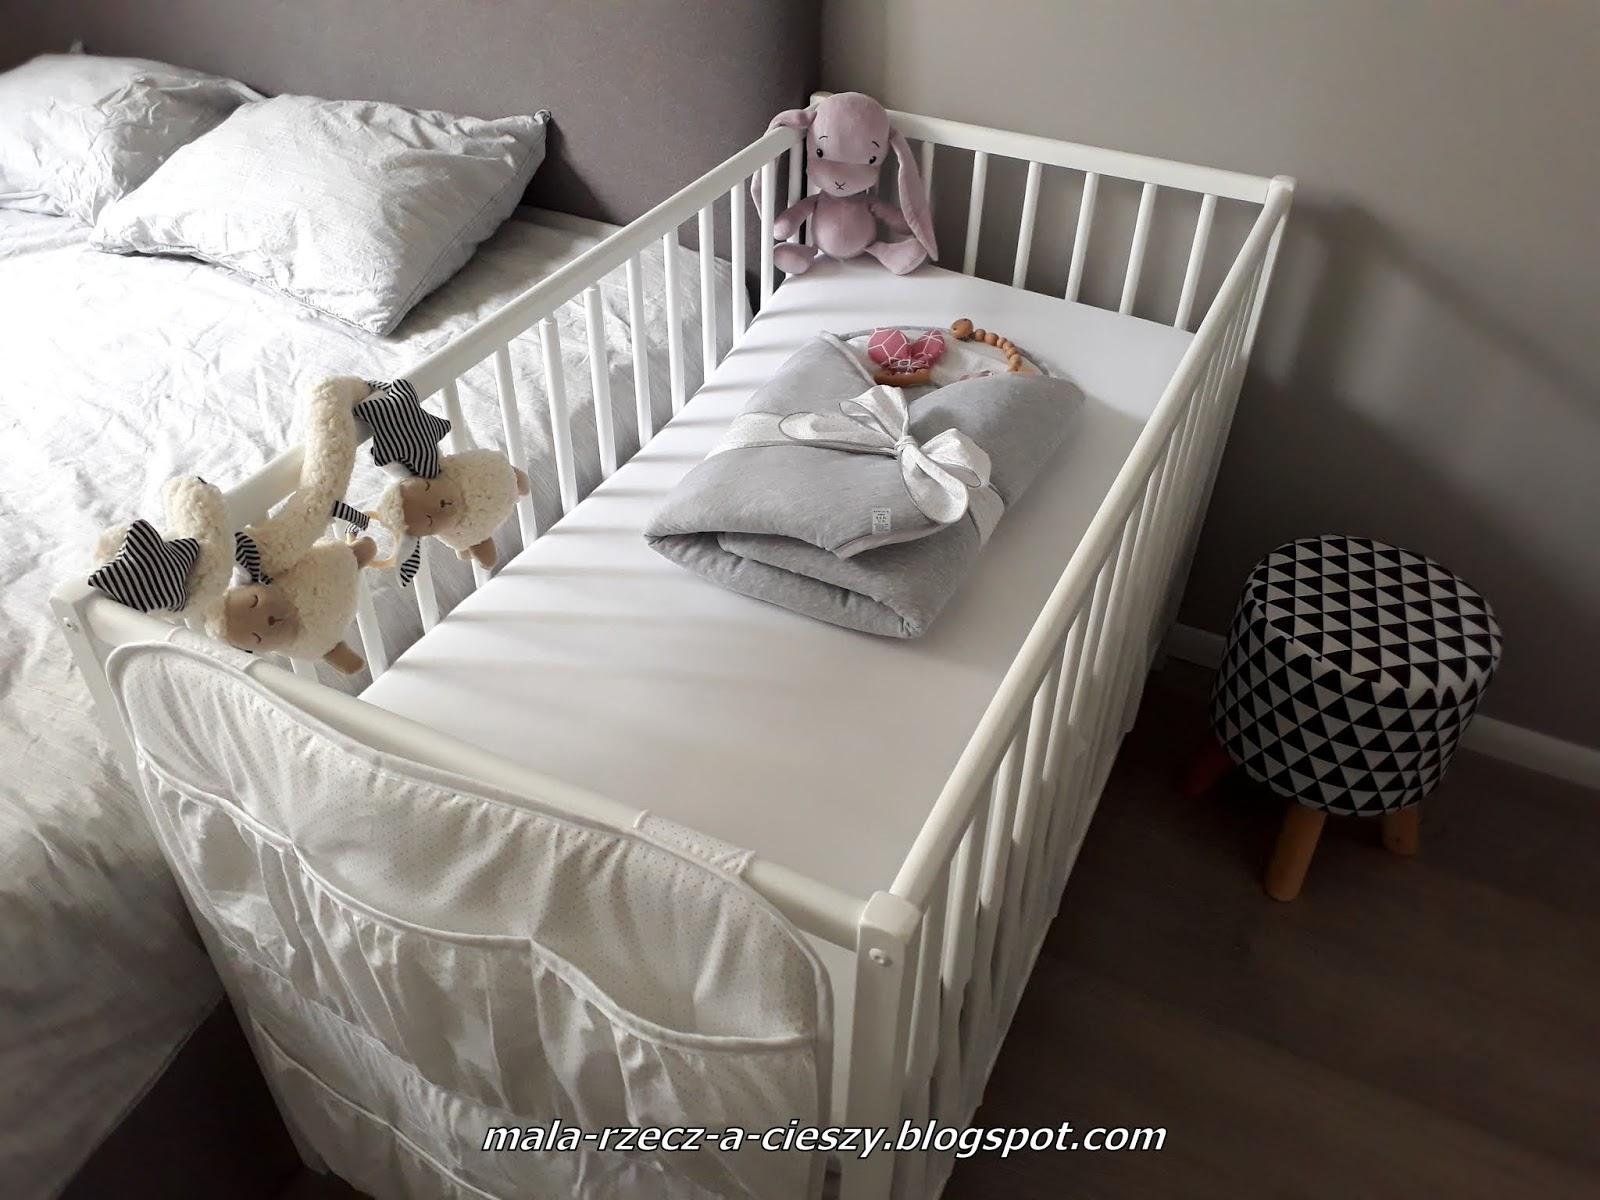 7 Akcja Wyprawka Dla Noworodka Nasz Kącik Maluszka Mała Rzecz A